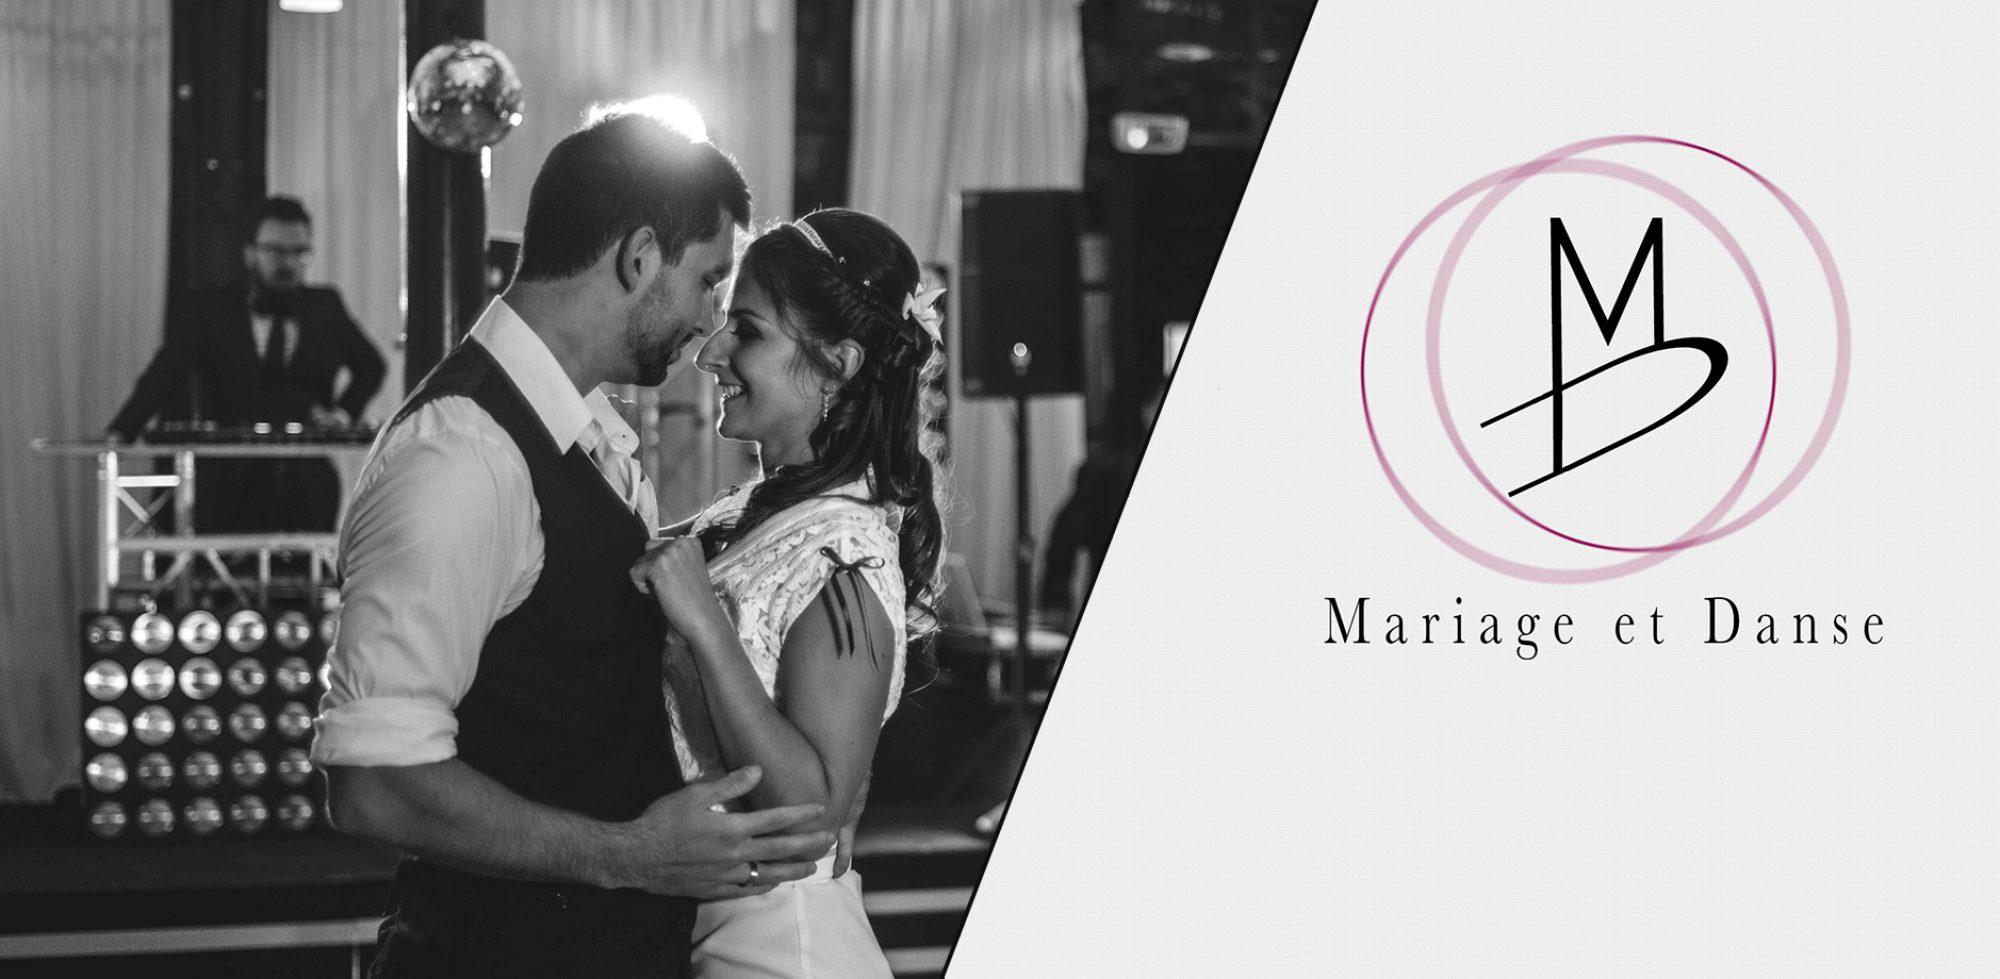 Mariage et Danse